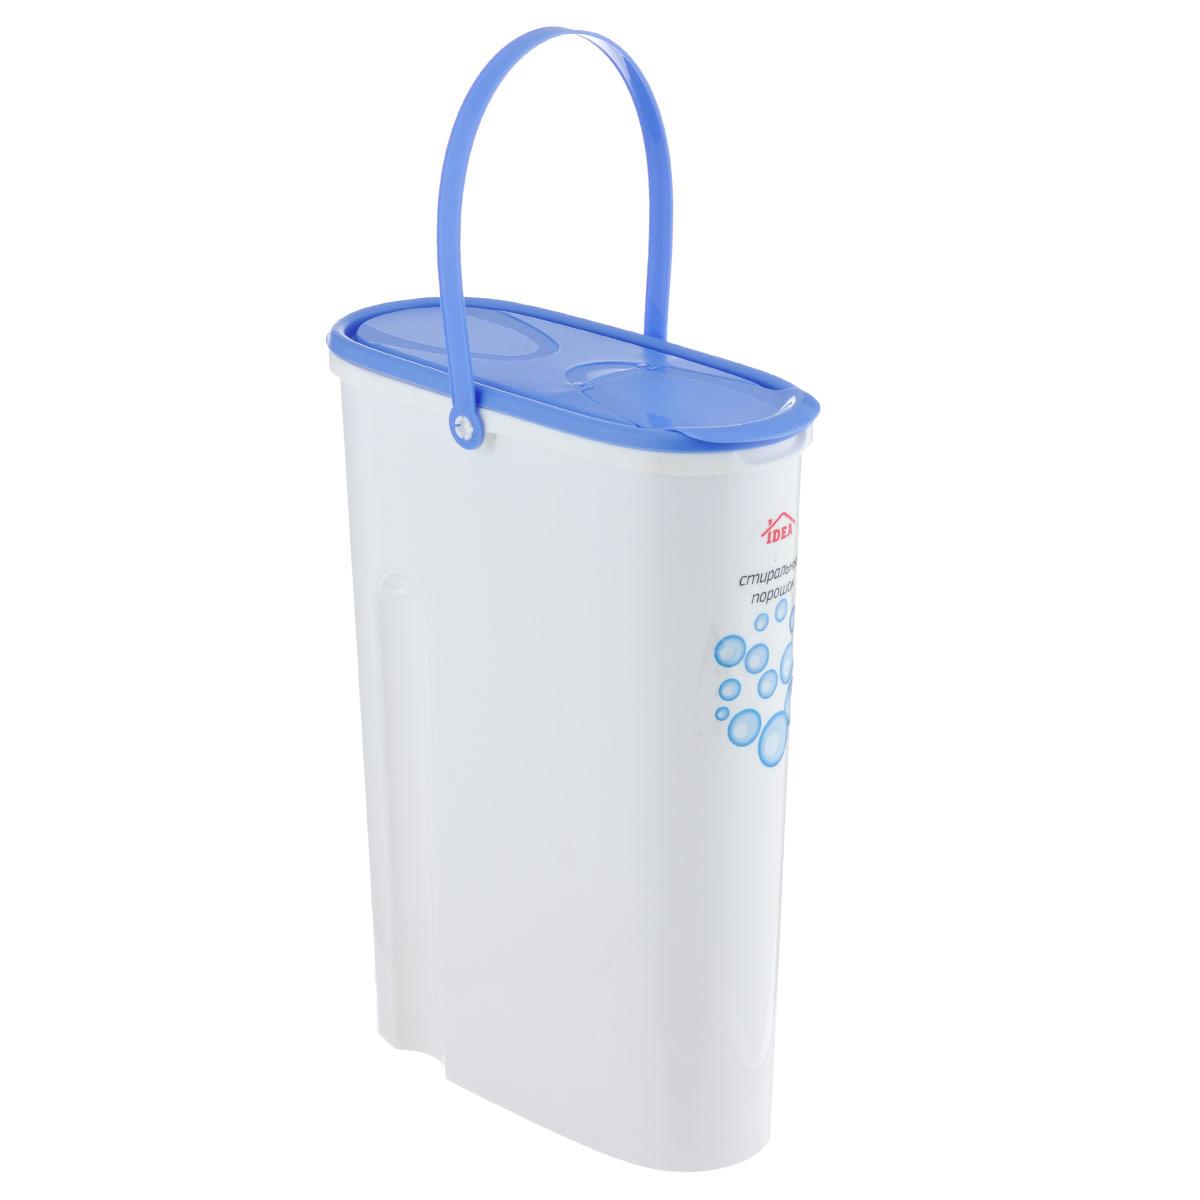 Контейнер для стирального порошка Idea, 5 лМ 1240Контейнер для стирального порошка Idea изготовлен из высококачественного пластика. Специальная удлиненная форма идеально подходит для хранения стирального порошка. Контейнер оснащен яркой, плотно закрывающейся крышкой, которая предотвращает распространение запаха. В крышке есть отверстие, через которое удобно высыпать или засыпать стиральный порошок. Для удобства переноски изделие снабжено прочной ручкой.Объем: 5 л.